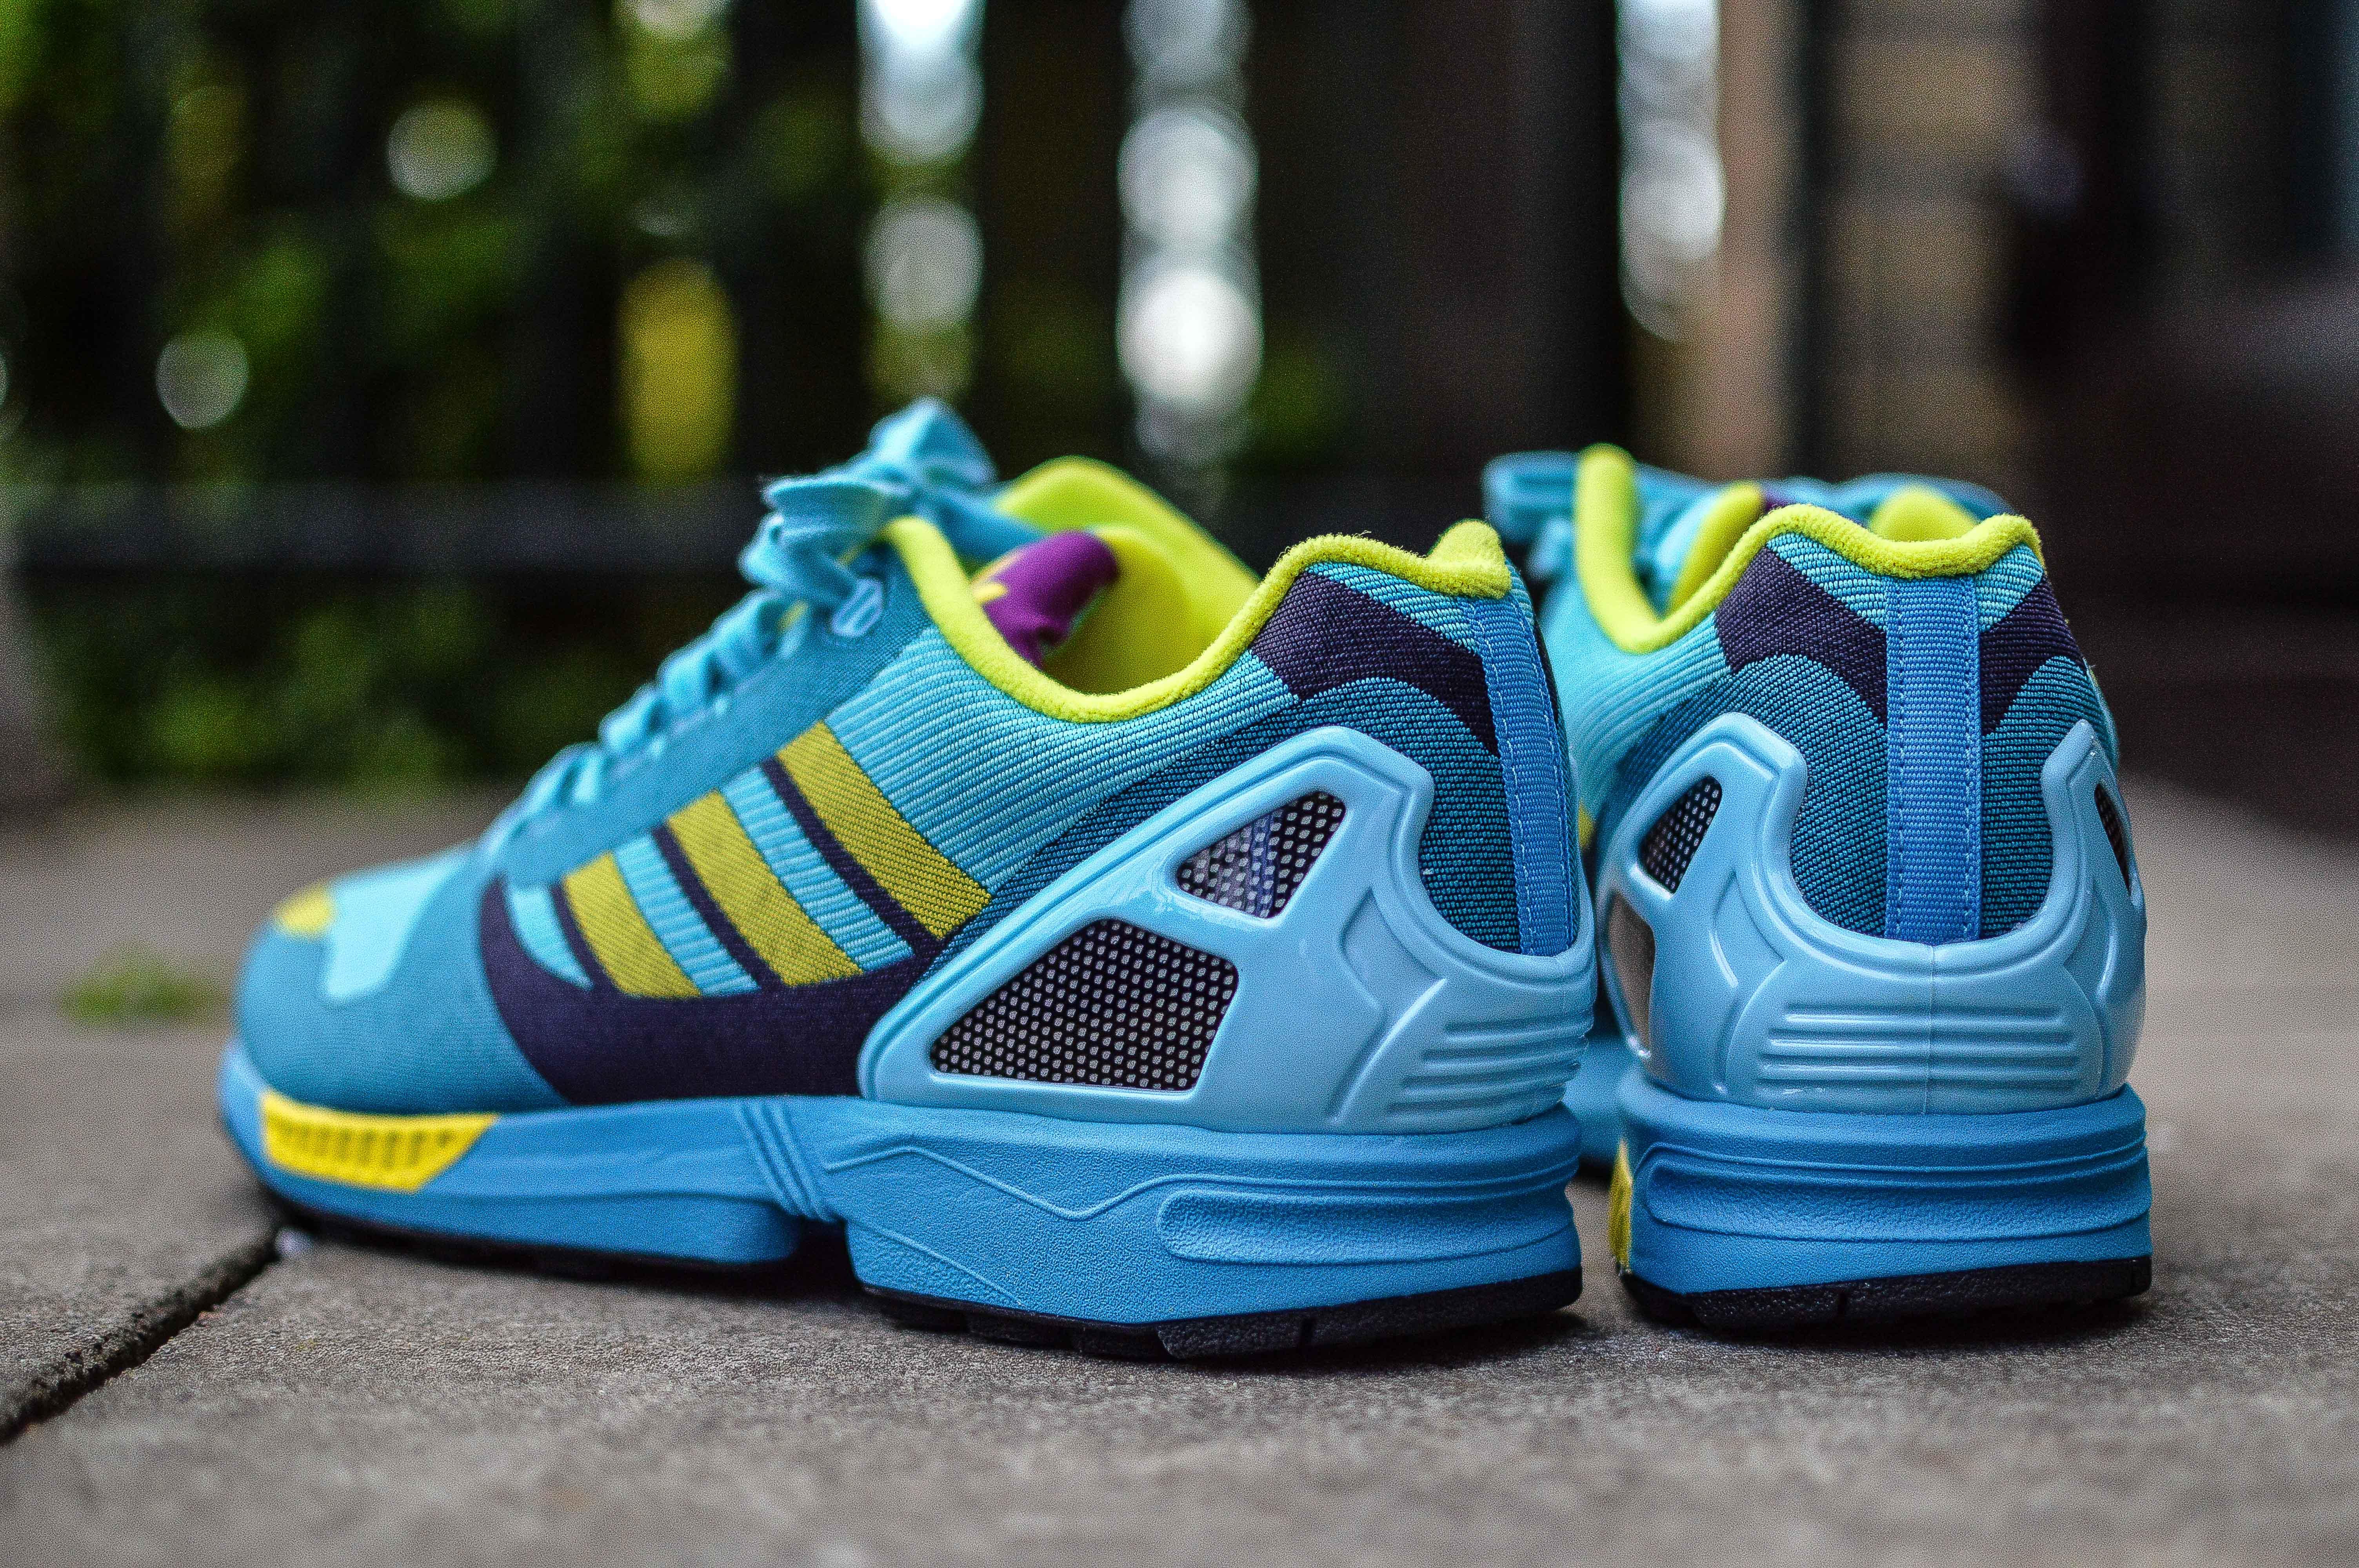 Adidas Zx 8000 Aqua 2013 ResKXe